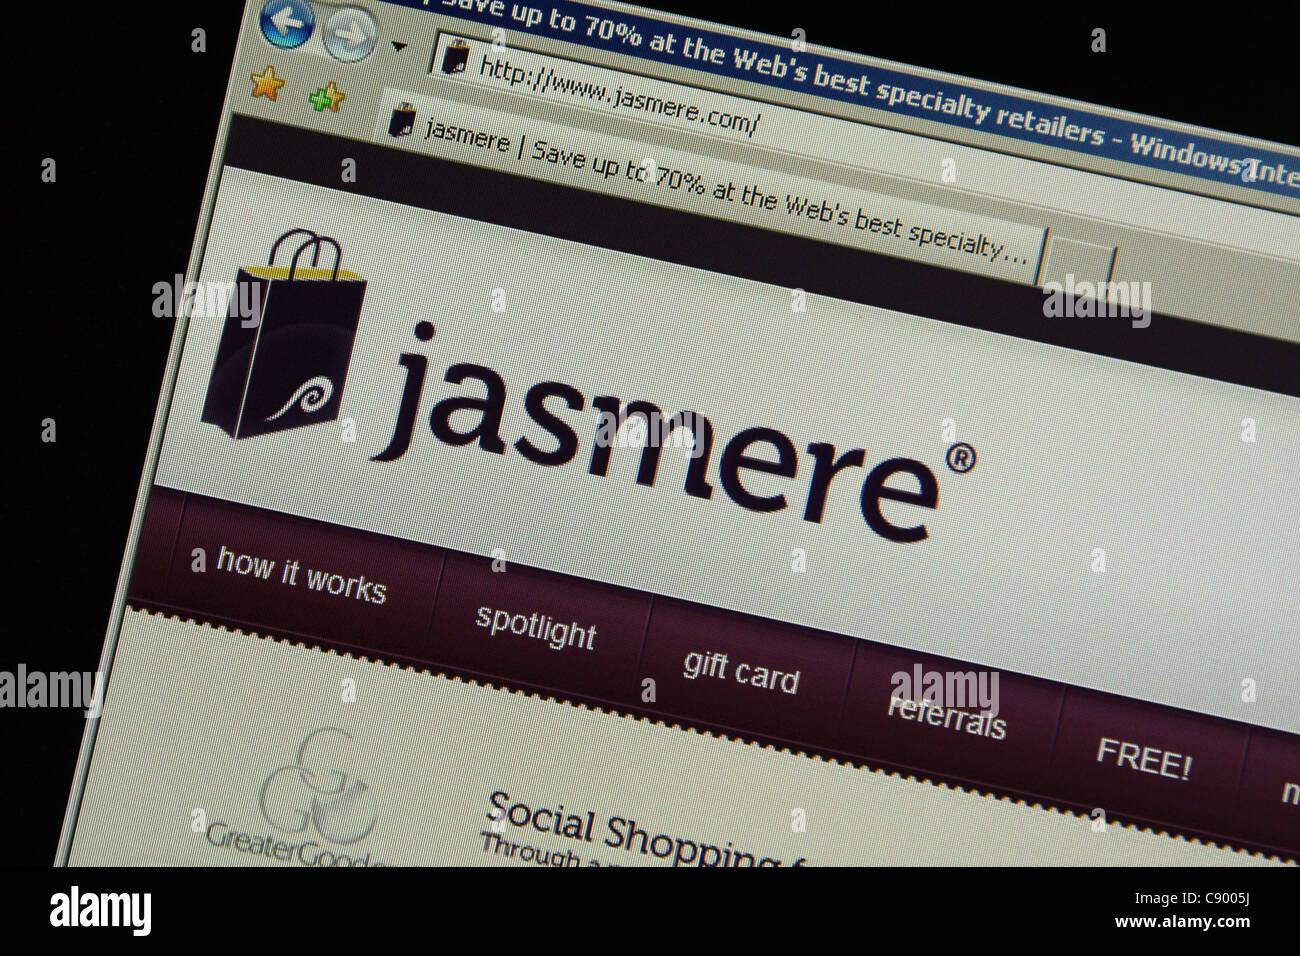 jasmere jasmere.com - Stock Image